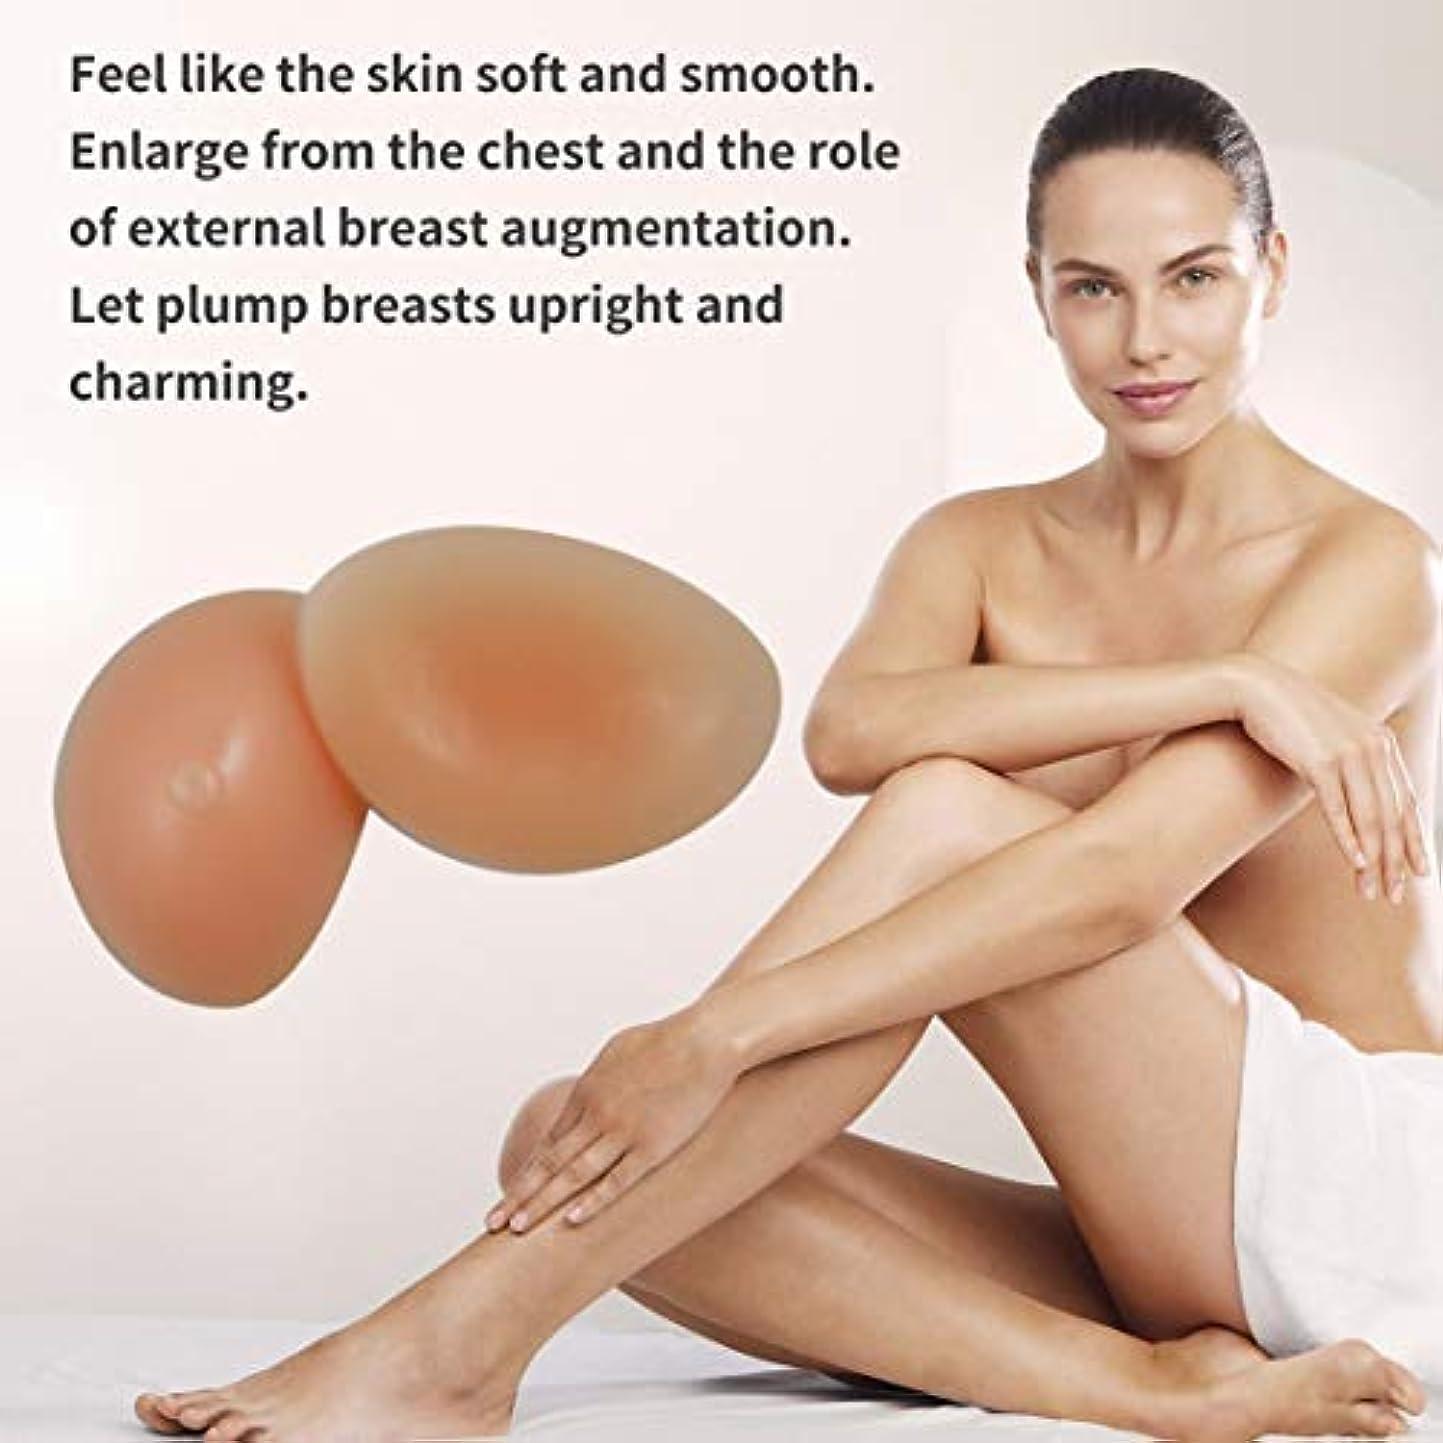 包囲プレビスサイト悪いシリコーンフォーム偽乳房エンハンサープッシュアップパッドブースターブラインサート人工乳房リアルな防水シリコーン乳房フォーム